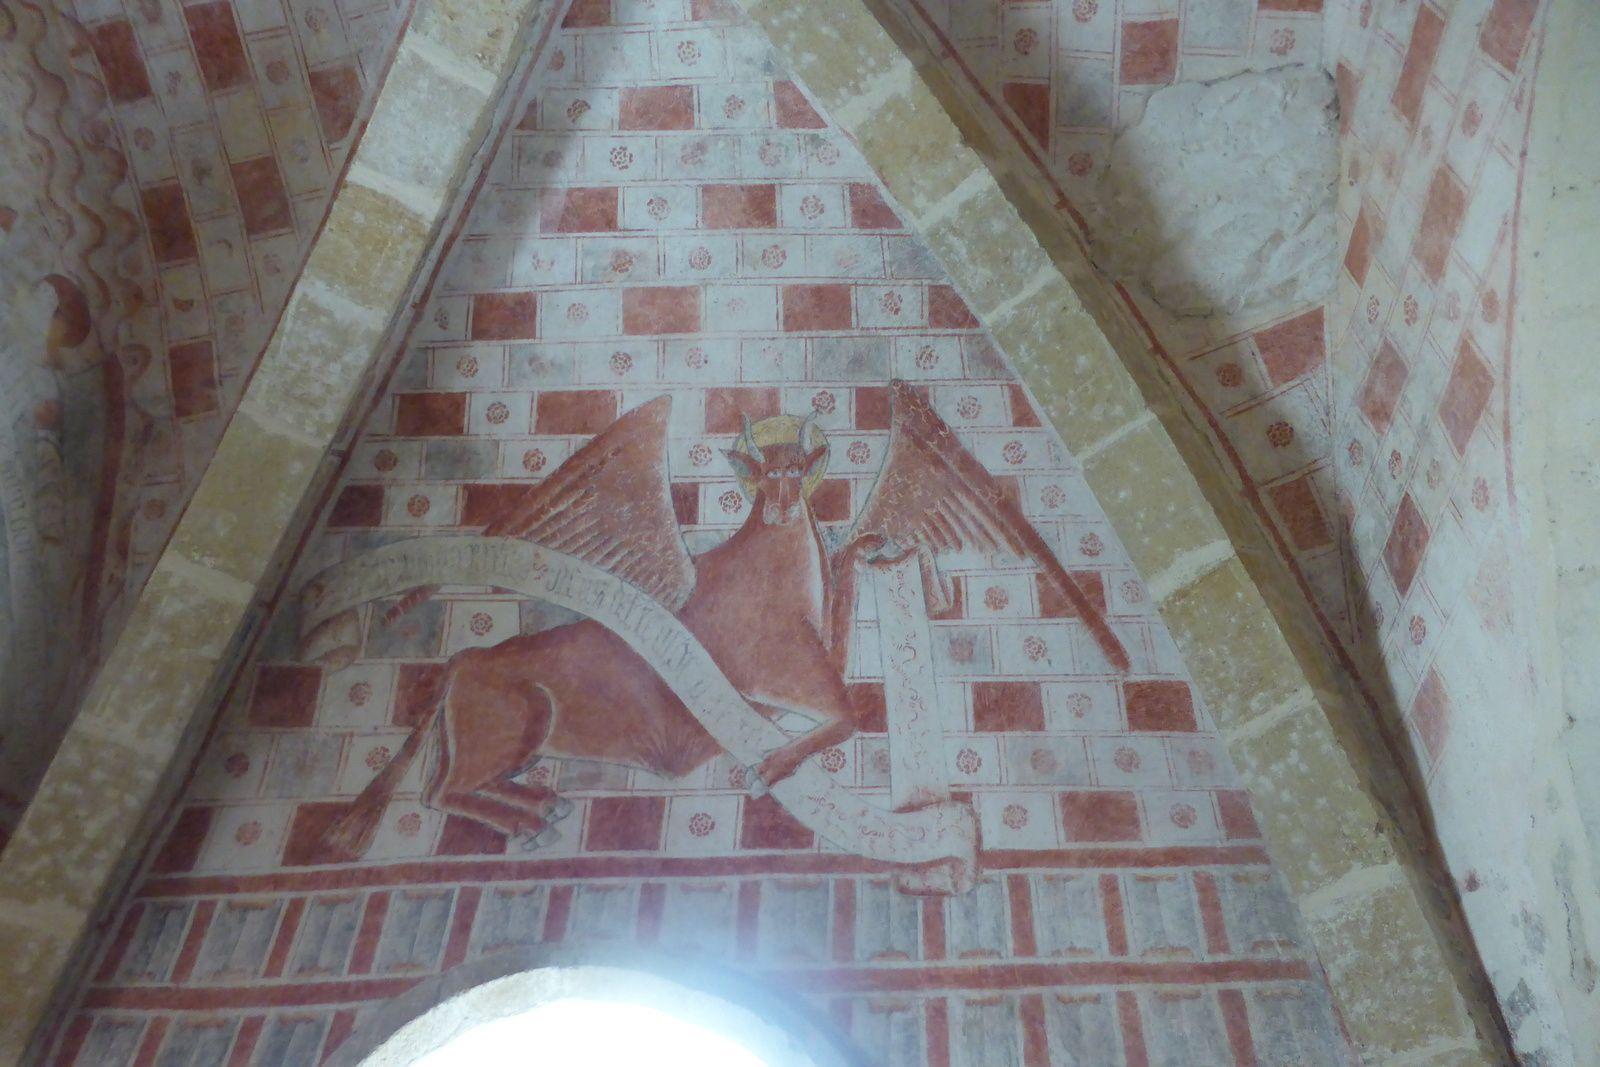 Nous voilà à la chapelle Sainte-Marie Madeleine de Guirande dont la constuction démarra au 12e siècle et se termina au 13e siècle. Belle architecture, peut-être déjà mentionnée dès le 10e siècle dans les dépendances de Conques. Elle est entièrement peinte d'une évocation de la vision d'Ezechiel, le Christ en majesté encadré par le Tétramorphe, accompagnée de deux scènes hagiographiques (martyr de Saint-Namphaise ; ravissement de Marie-Madeleine). Ce décor est daté autour de 1500. On trouve une belle aire de repos en face de la chapelle.